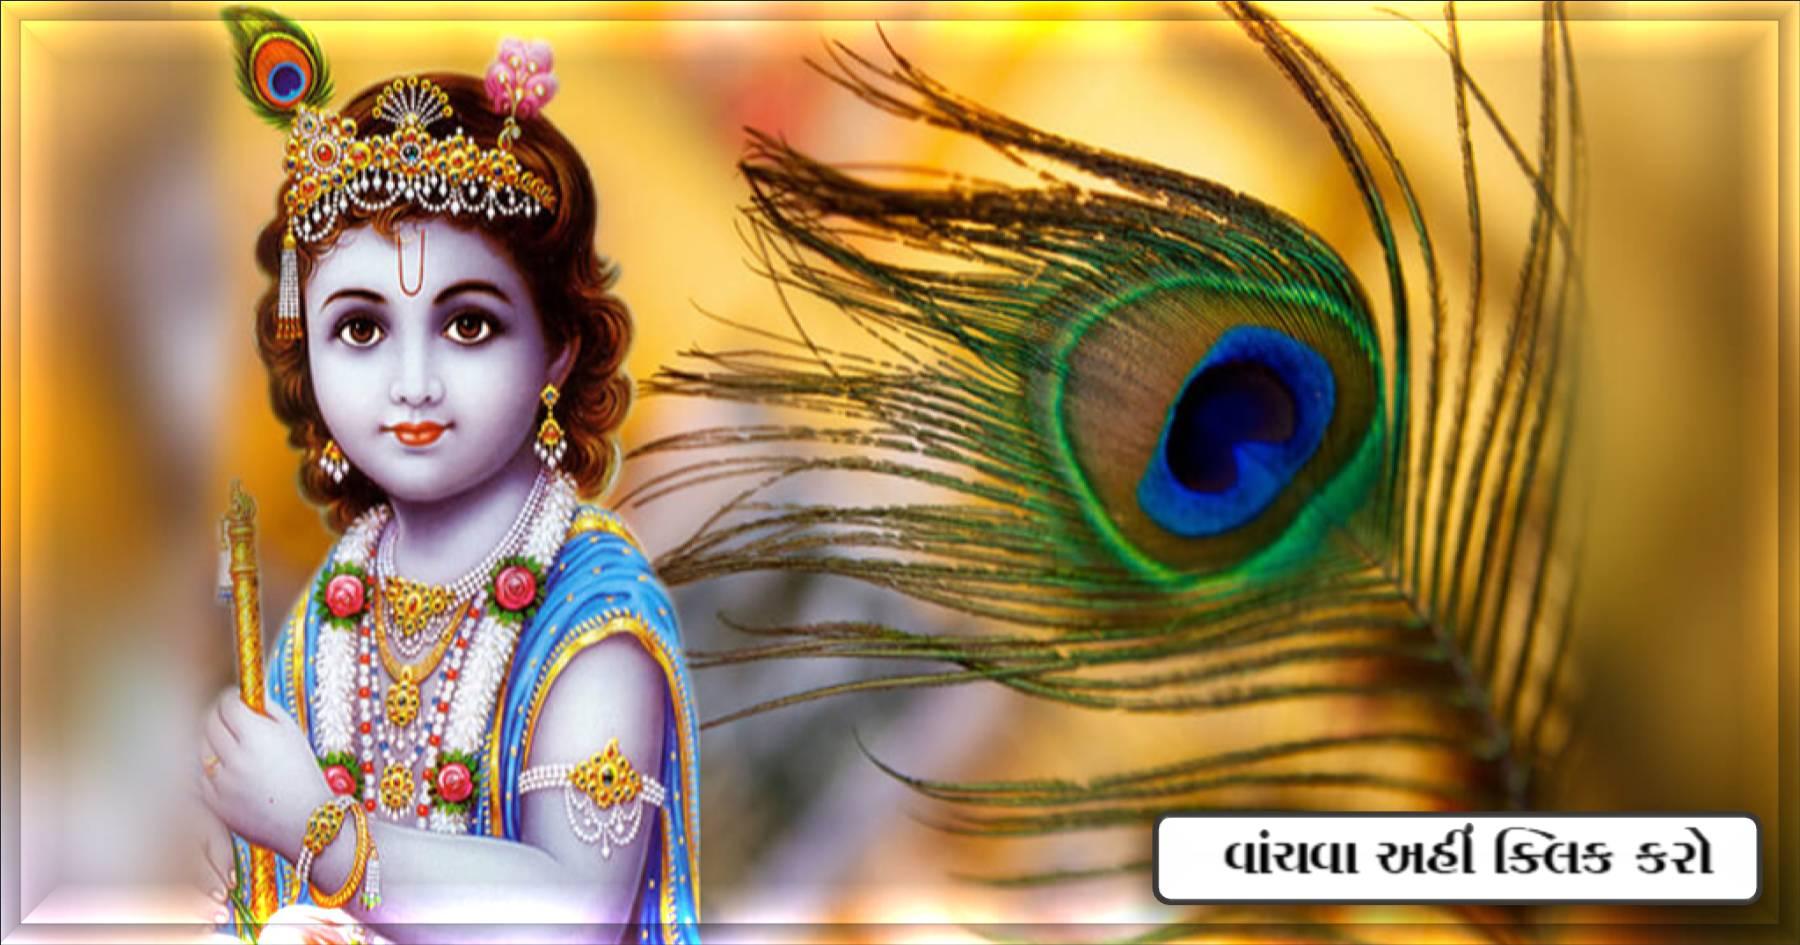 ભગવાન શ્રી કૃષ્ણ પ્રિય મોરપીછ ને સાથે રાખશો, તો મળી જશે તમામ સમસ્યાઓ માંથી મુક્તિ..